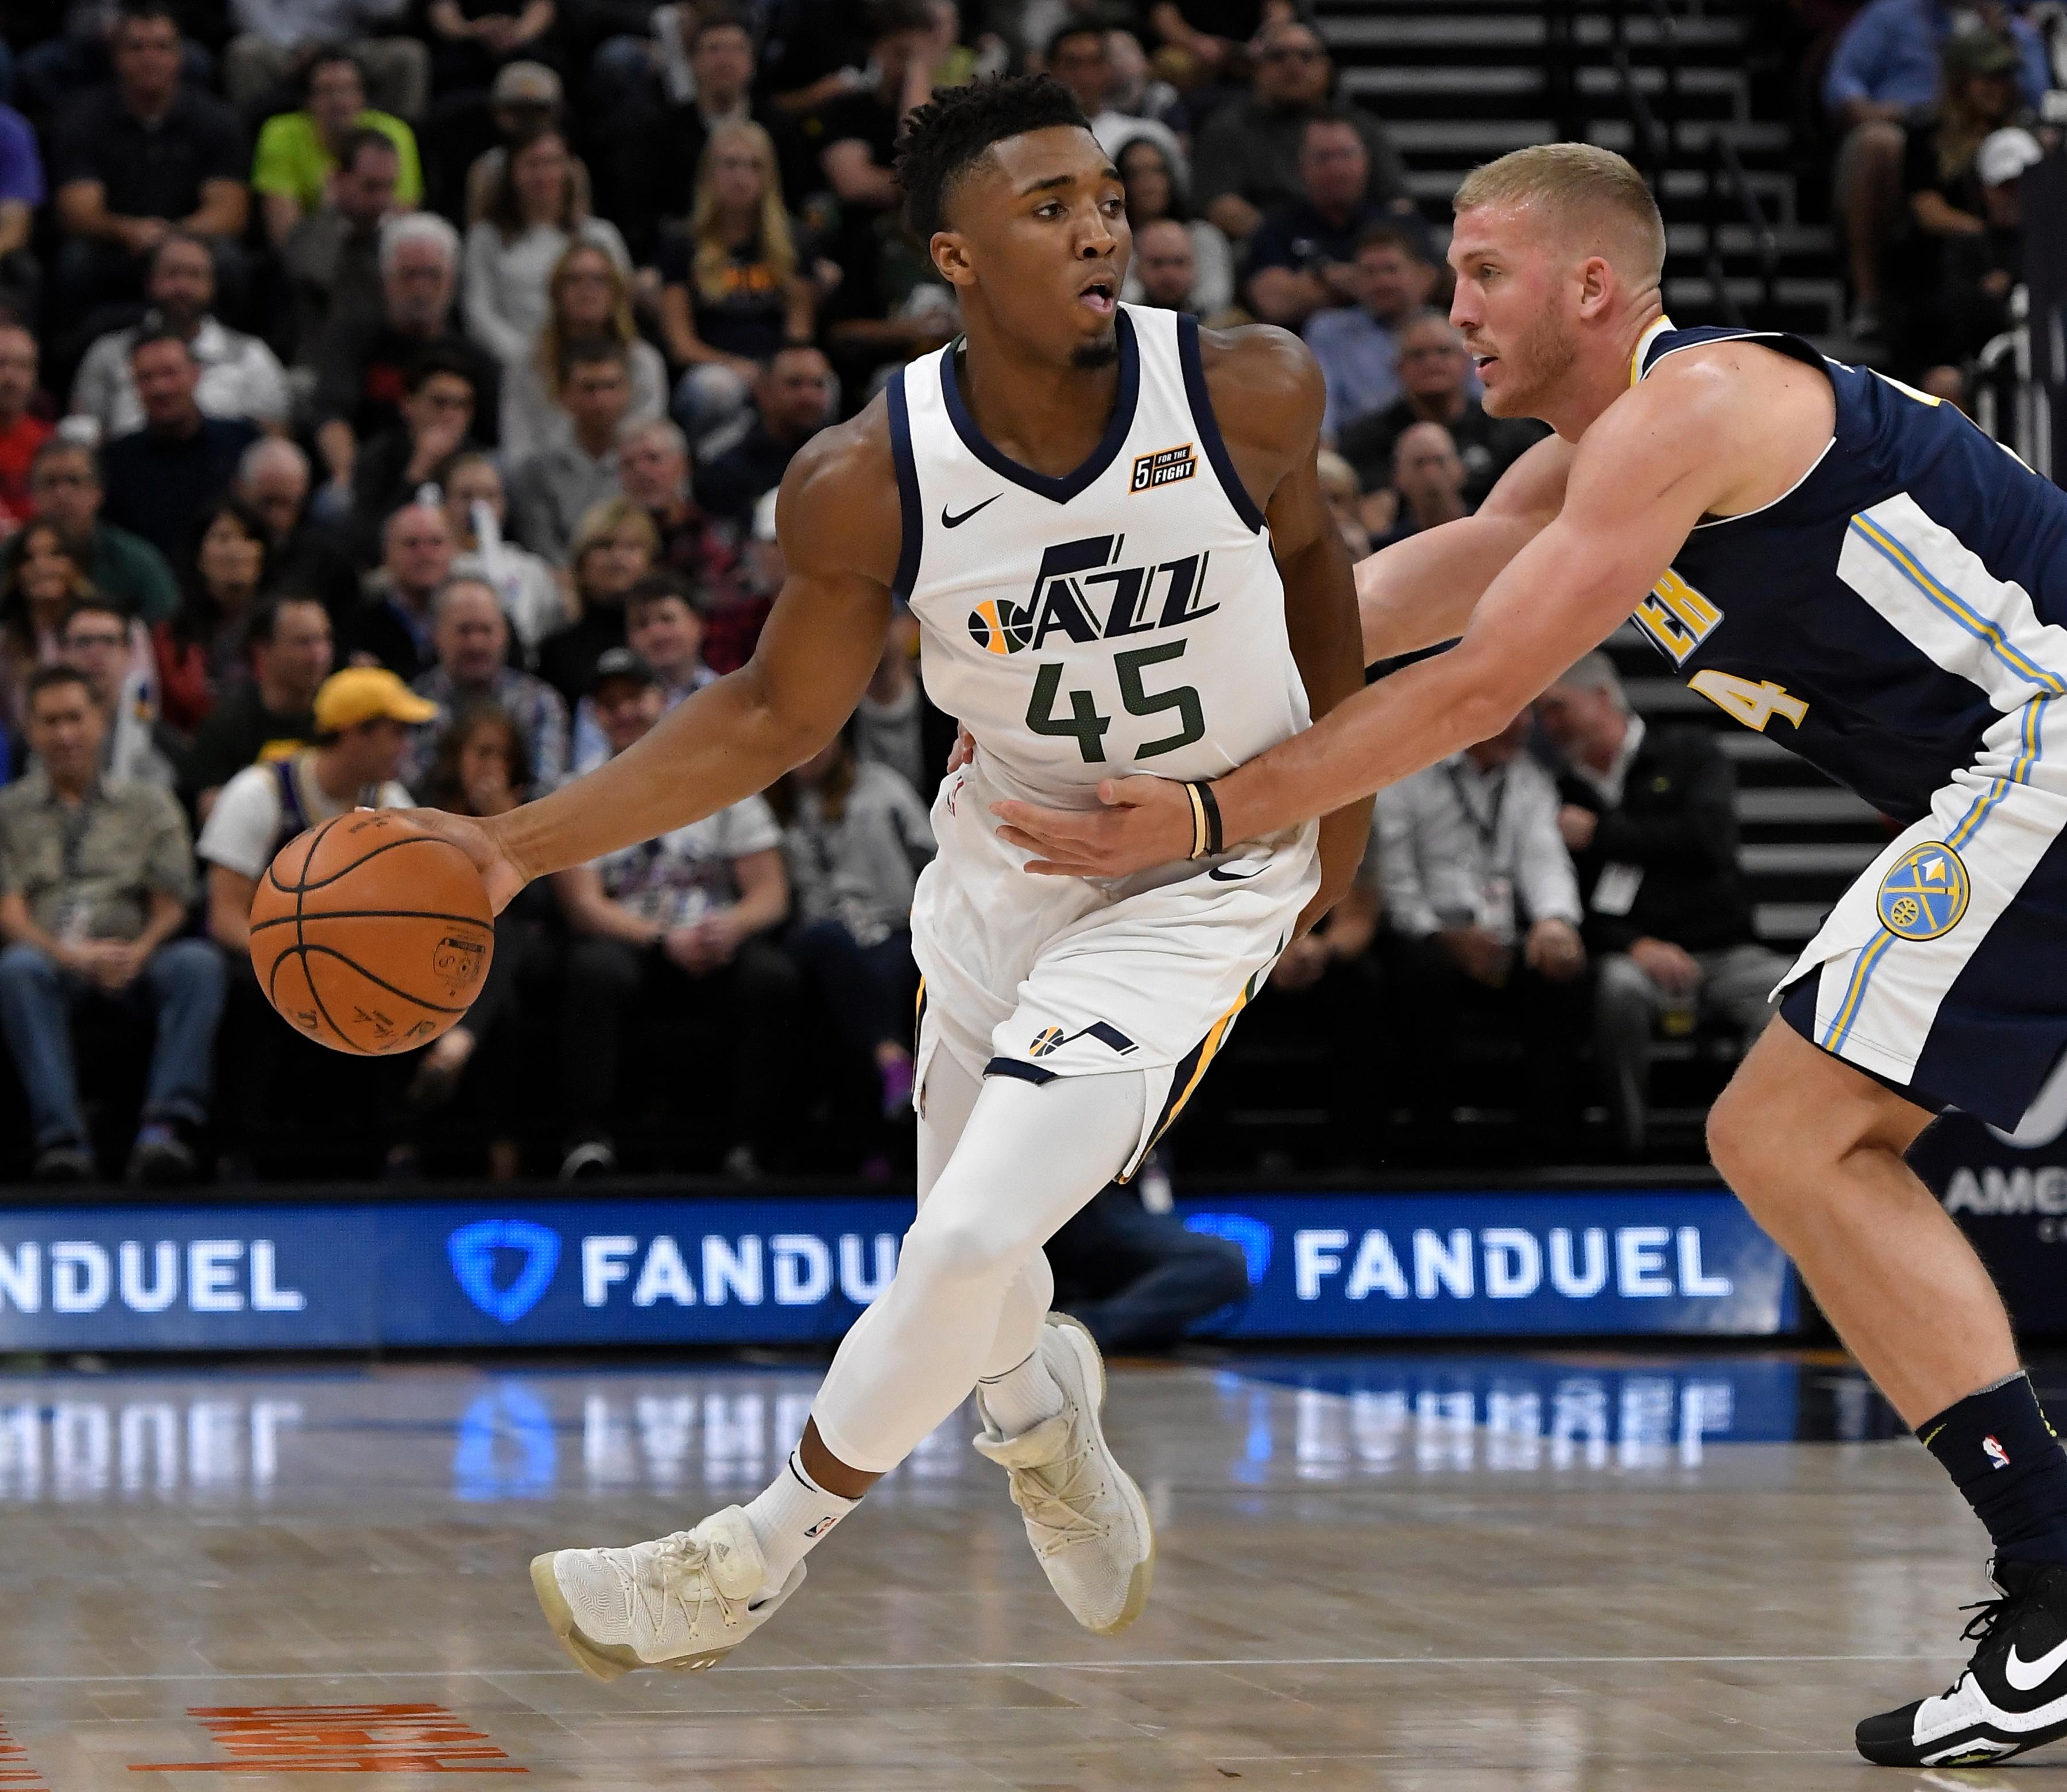 Utah Jazz: 3 Takeaways From The 2017-18 Season Opener